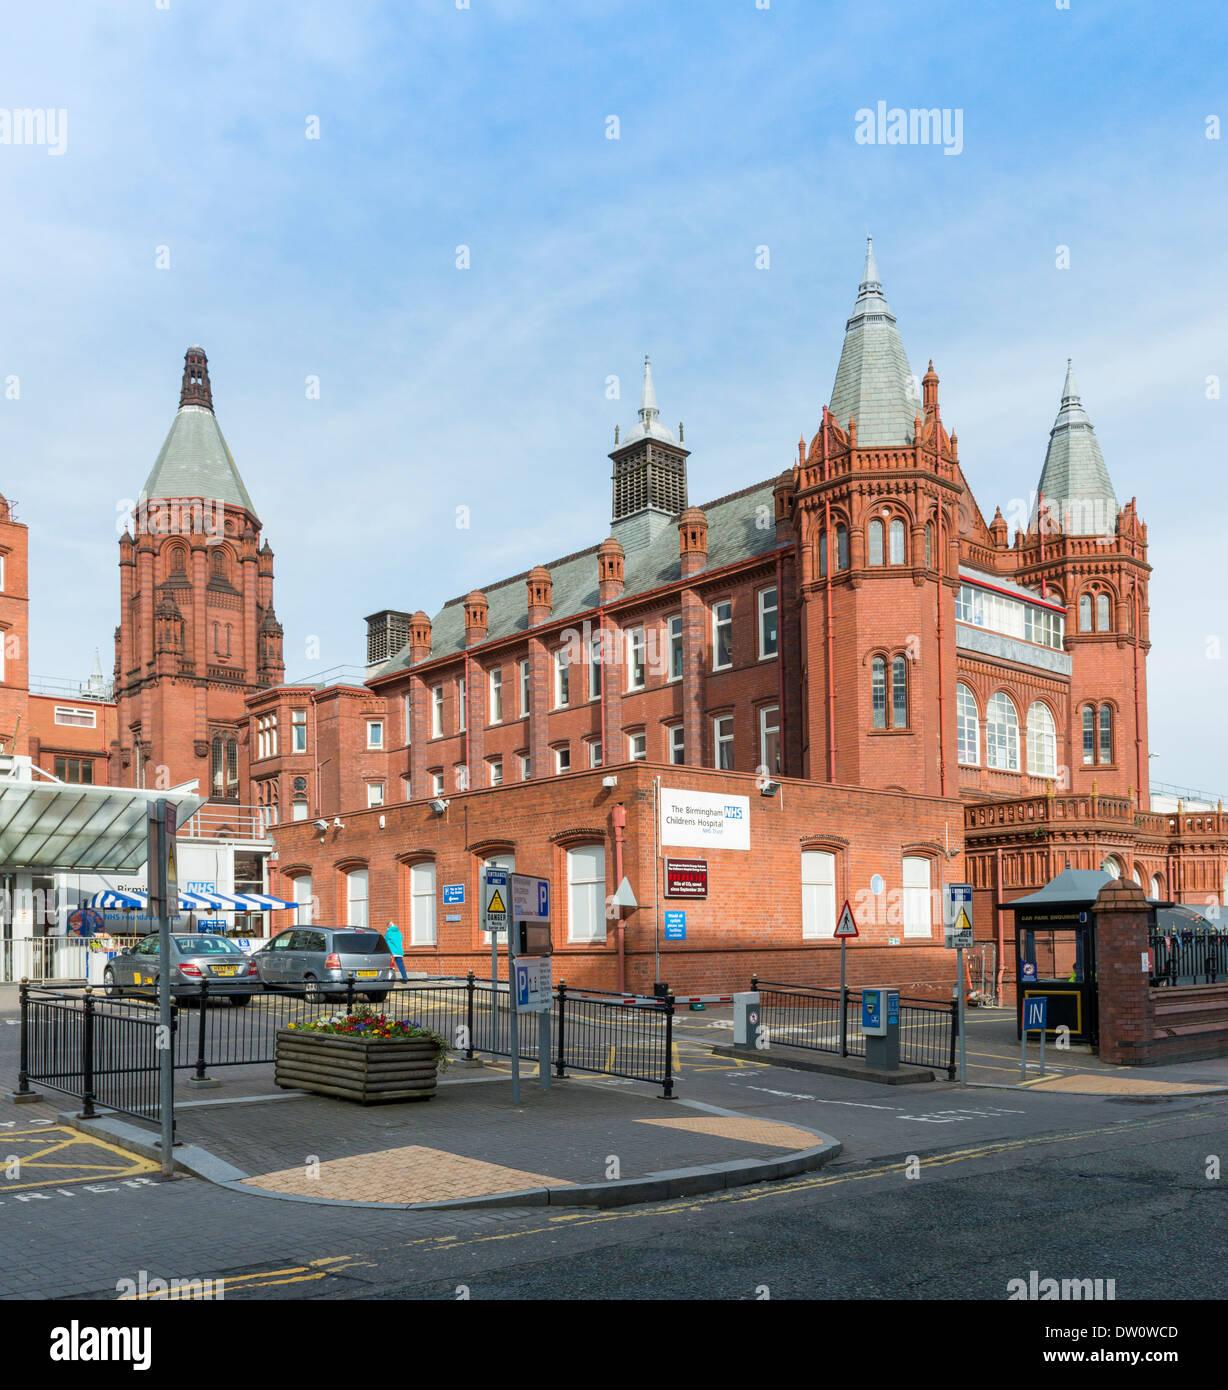 Hôpital pour enfants de Birmingham, Centre-ville. Photo Stock